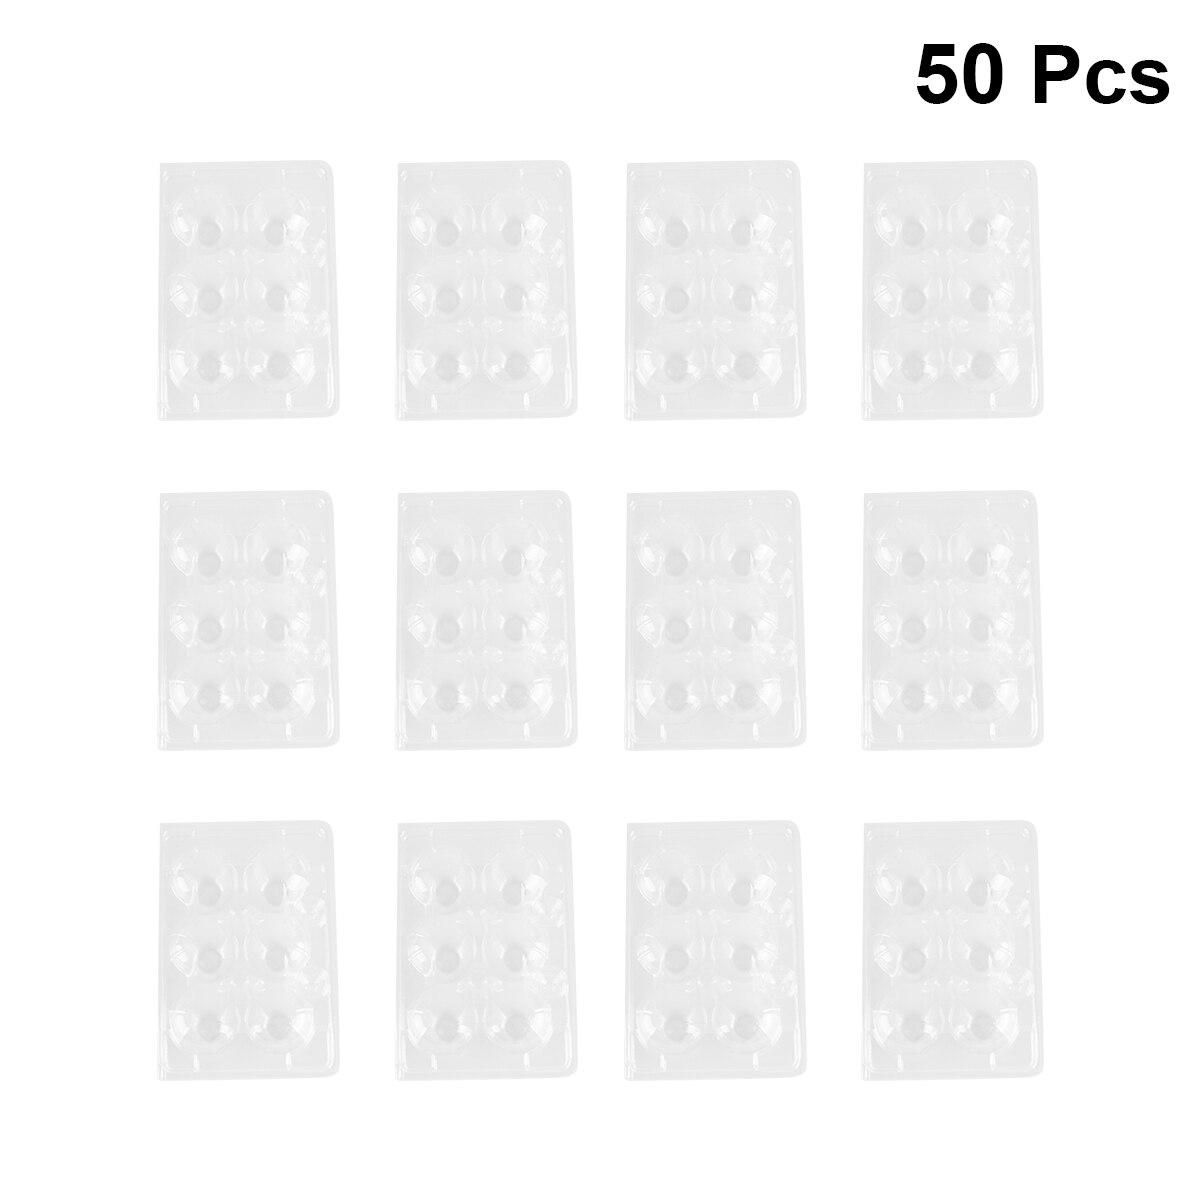 50 Pcs Quail Egg Storage Box Plastic Egg Dispenser Storage for Home Kitchen